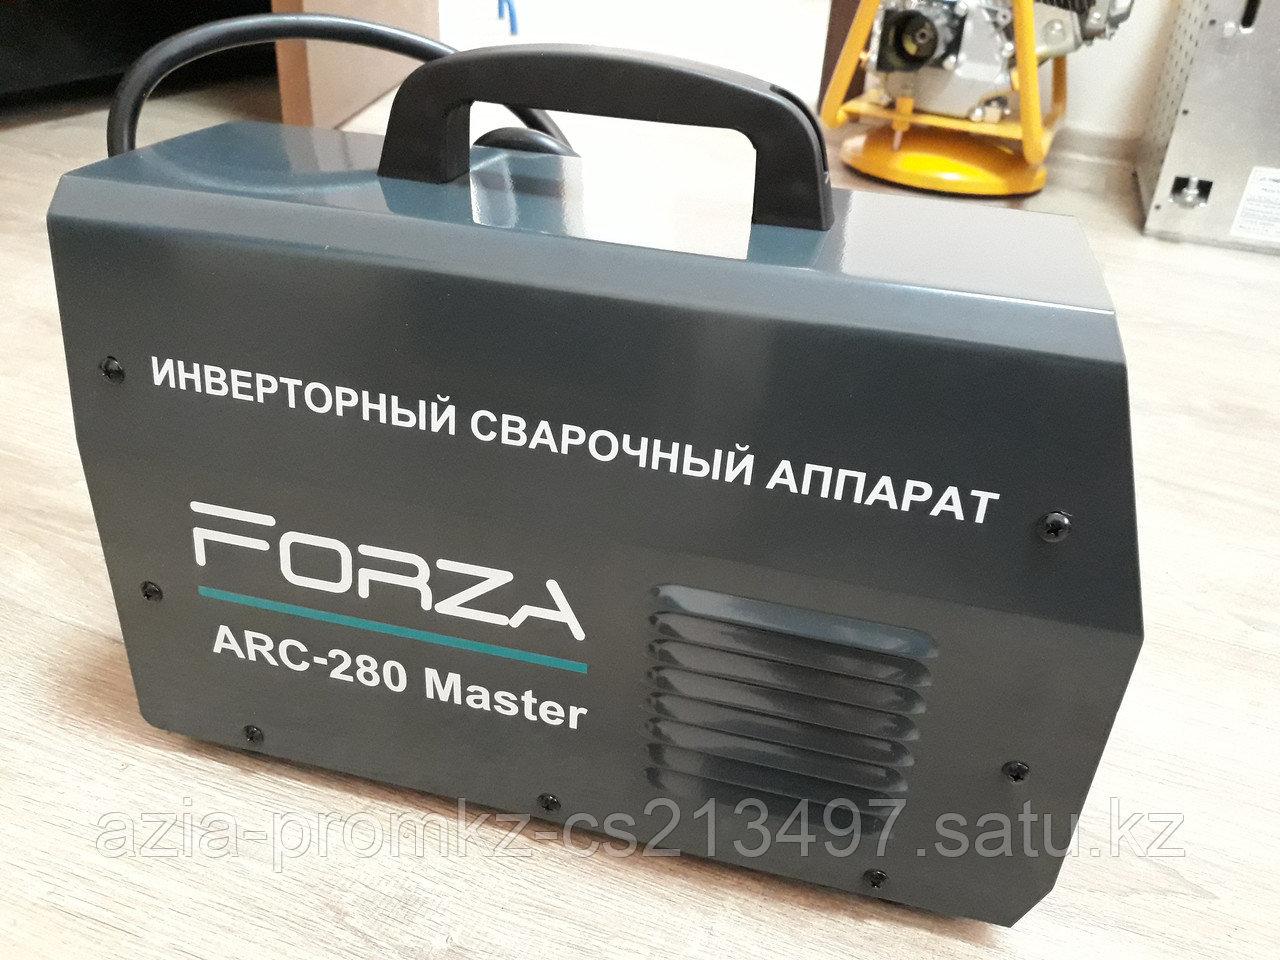 Инвертоный сварочный аппарат ARC 280 Master